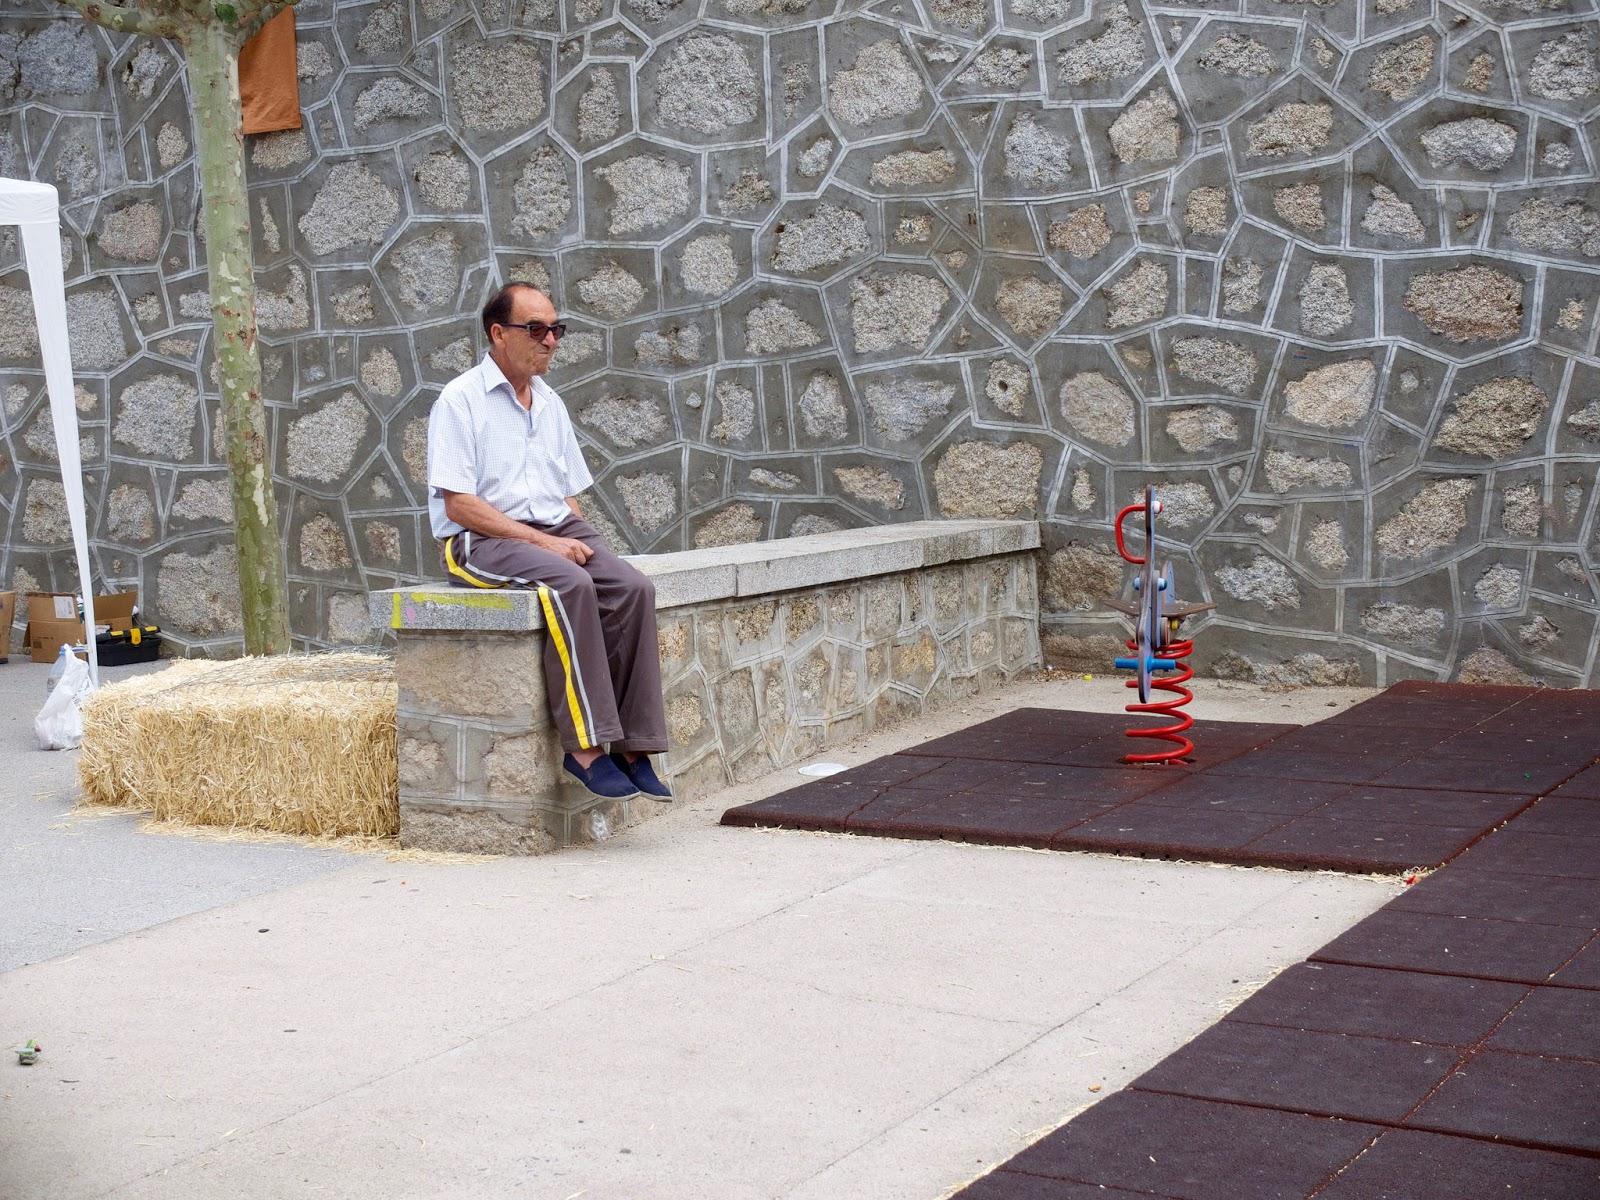 Hombre pensando en San Bartolome de Pinares, Avila 2015